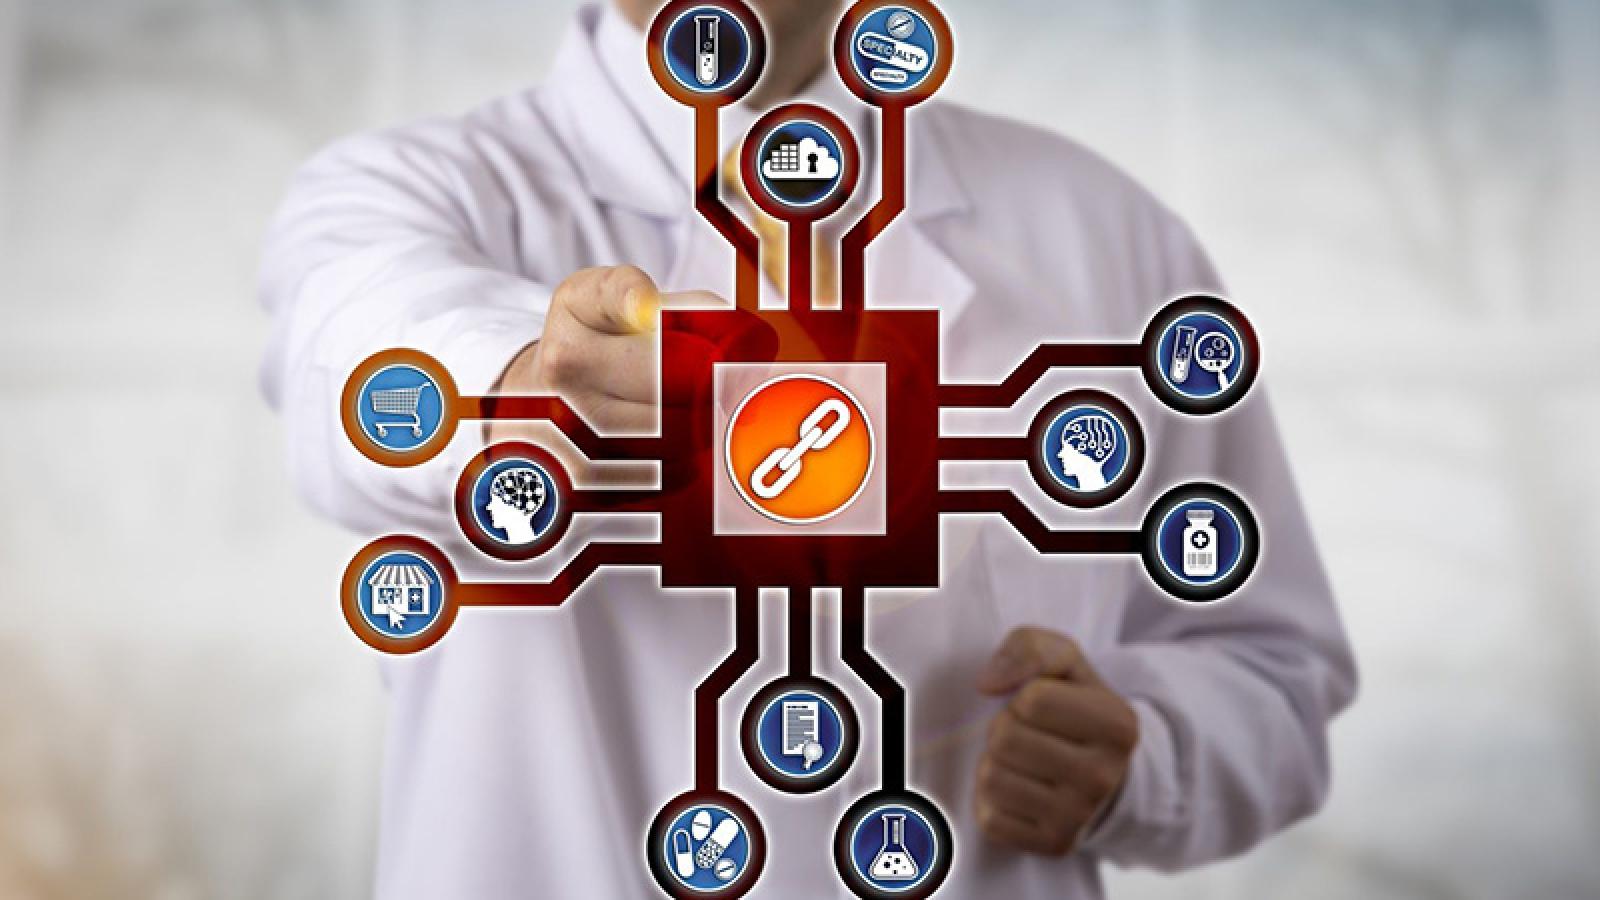 NHS Vương quốc Anh sử dụng công nghệ blockchain để lưu trữ vắc-xin Covid-19